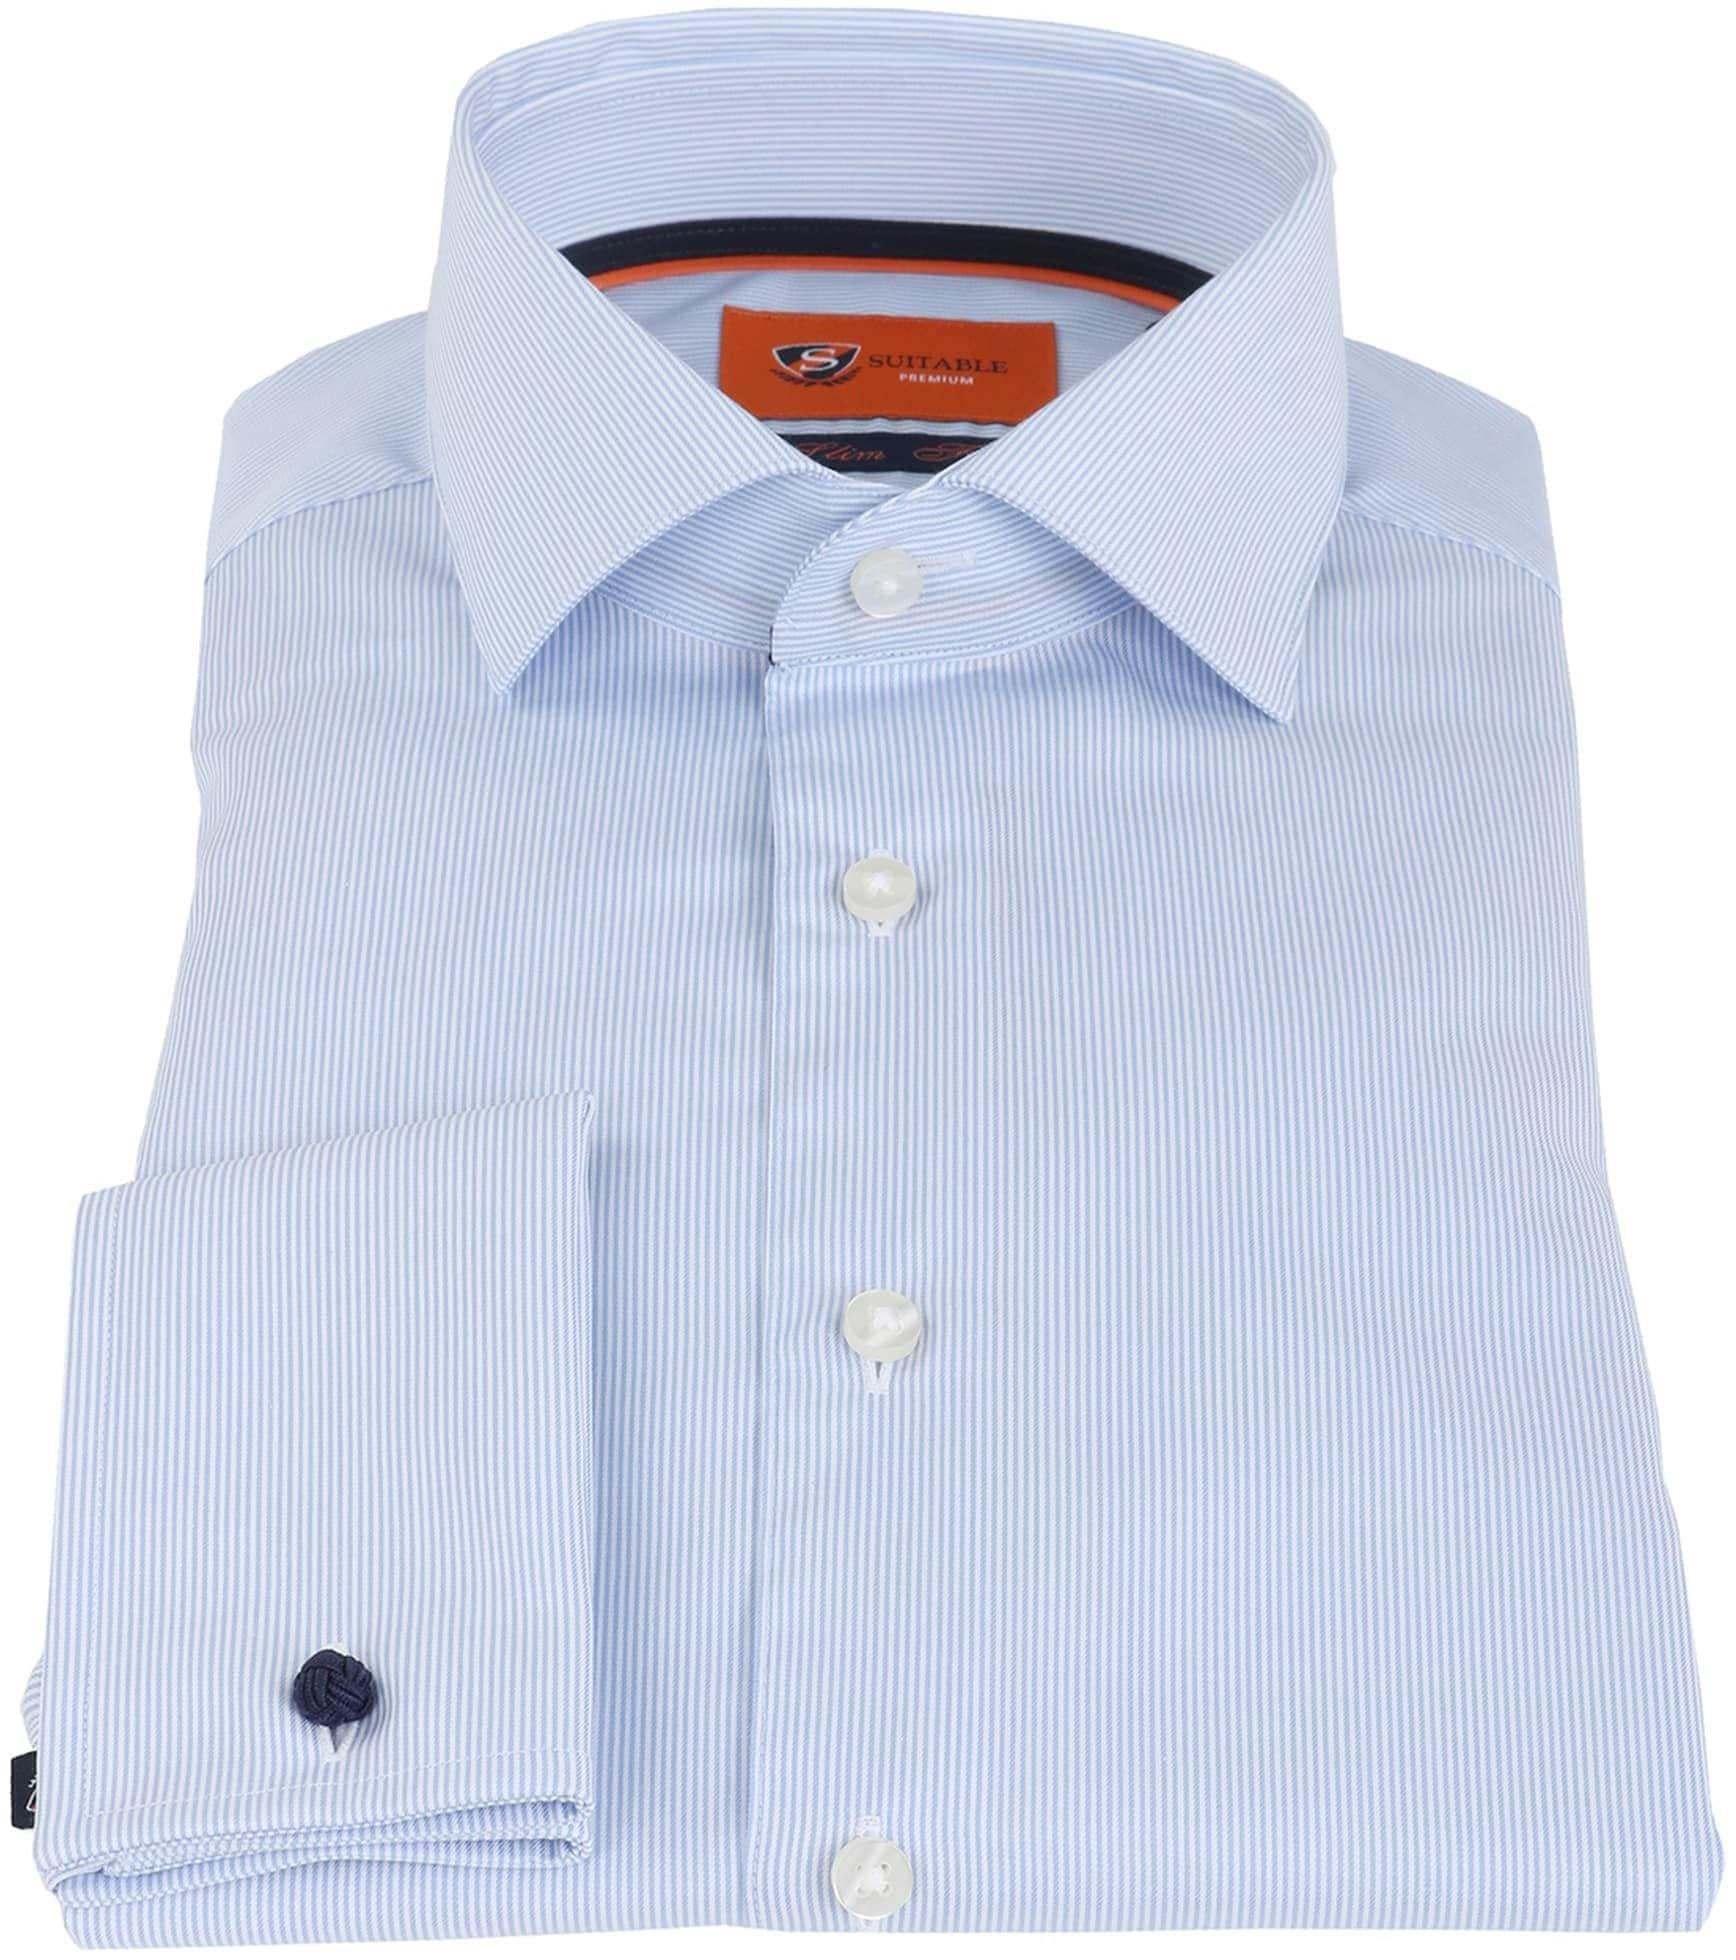 Suitable Overhemd Blauw Gestreept foto 1